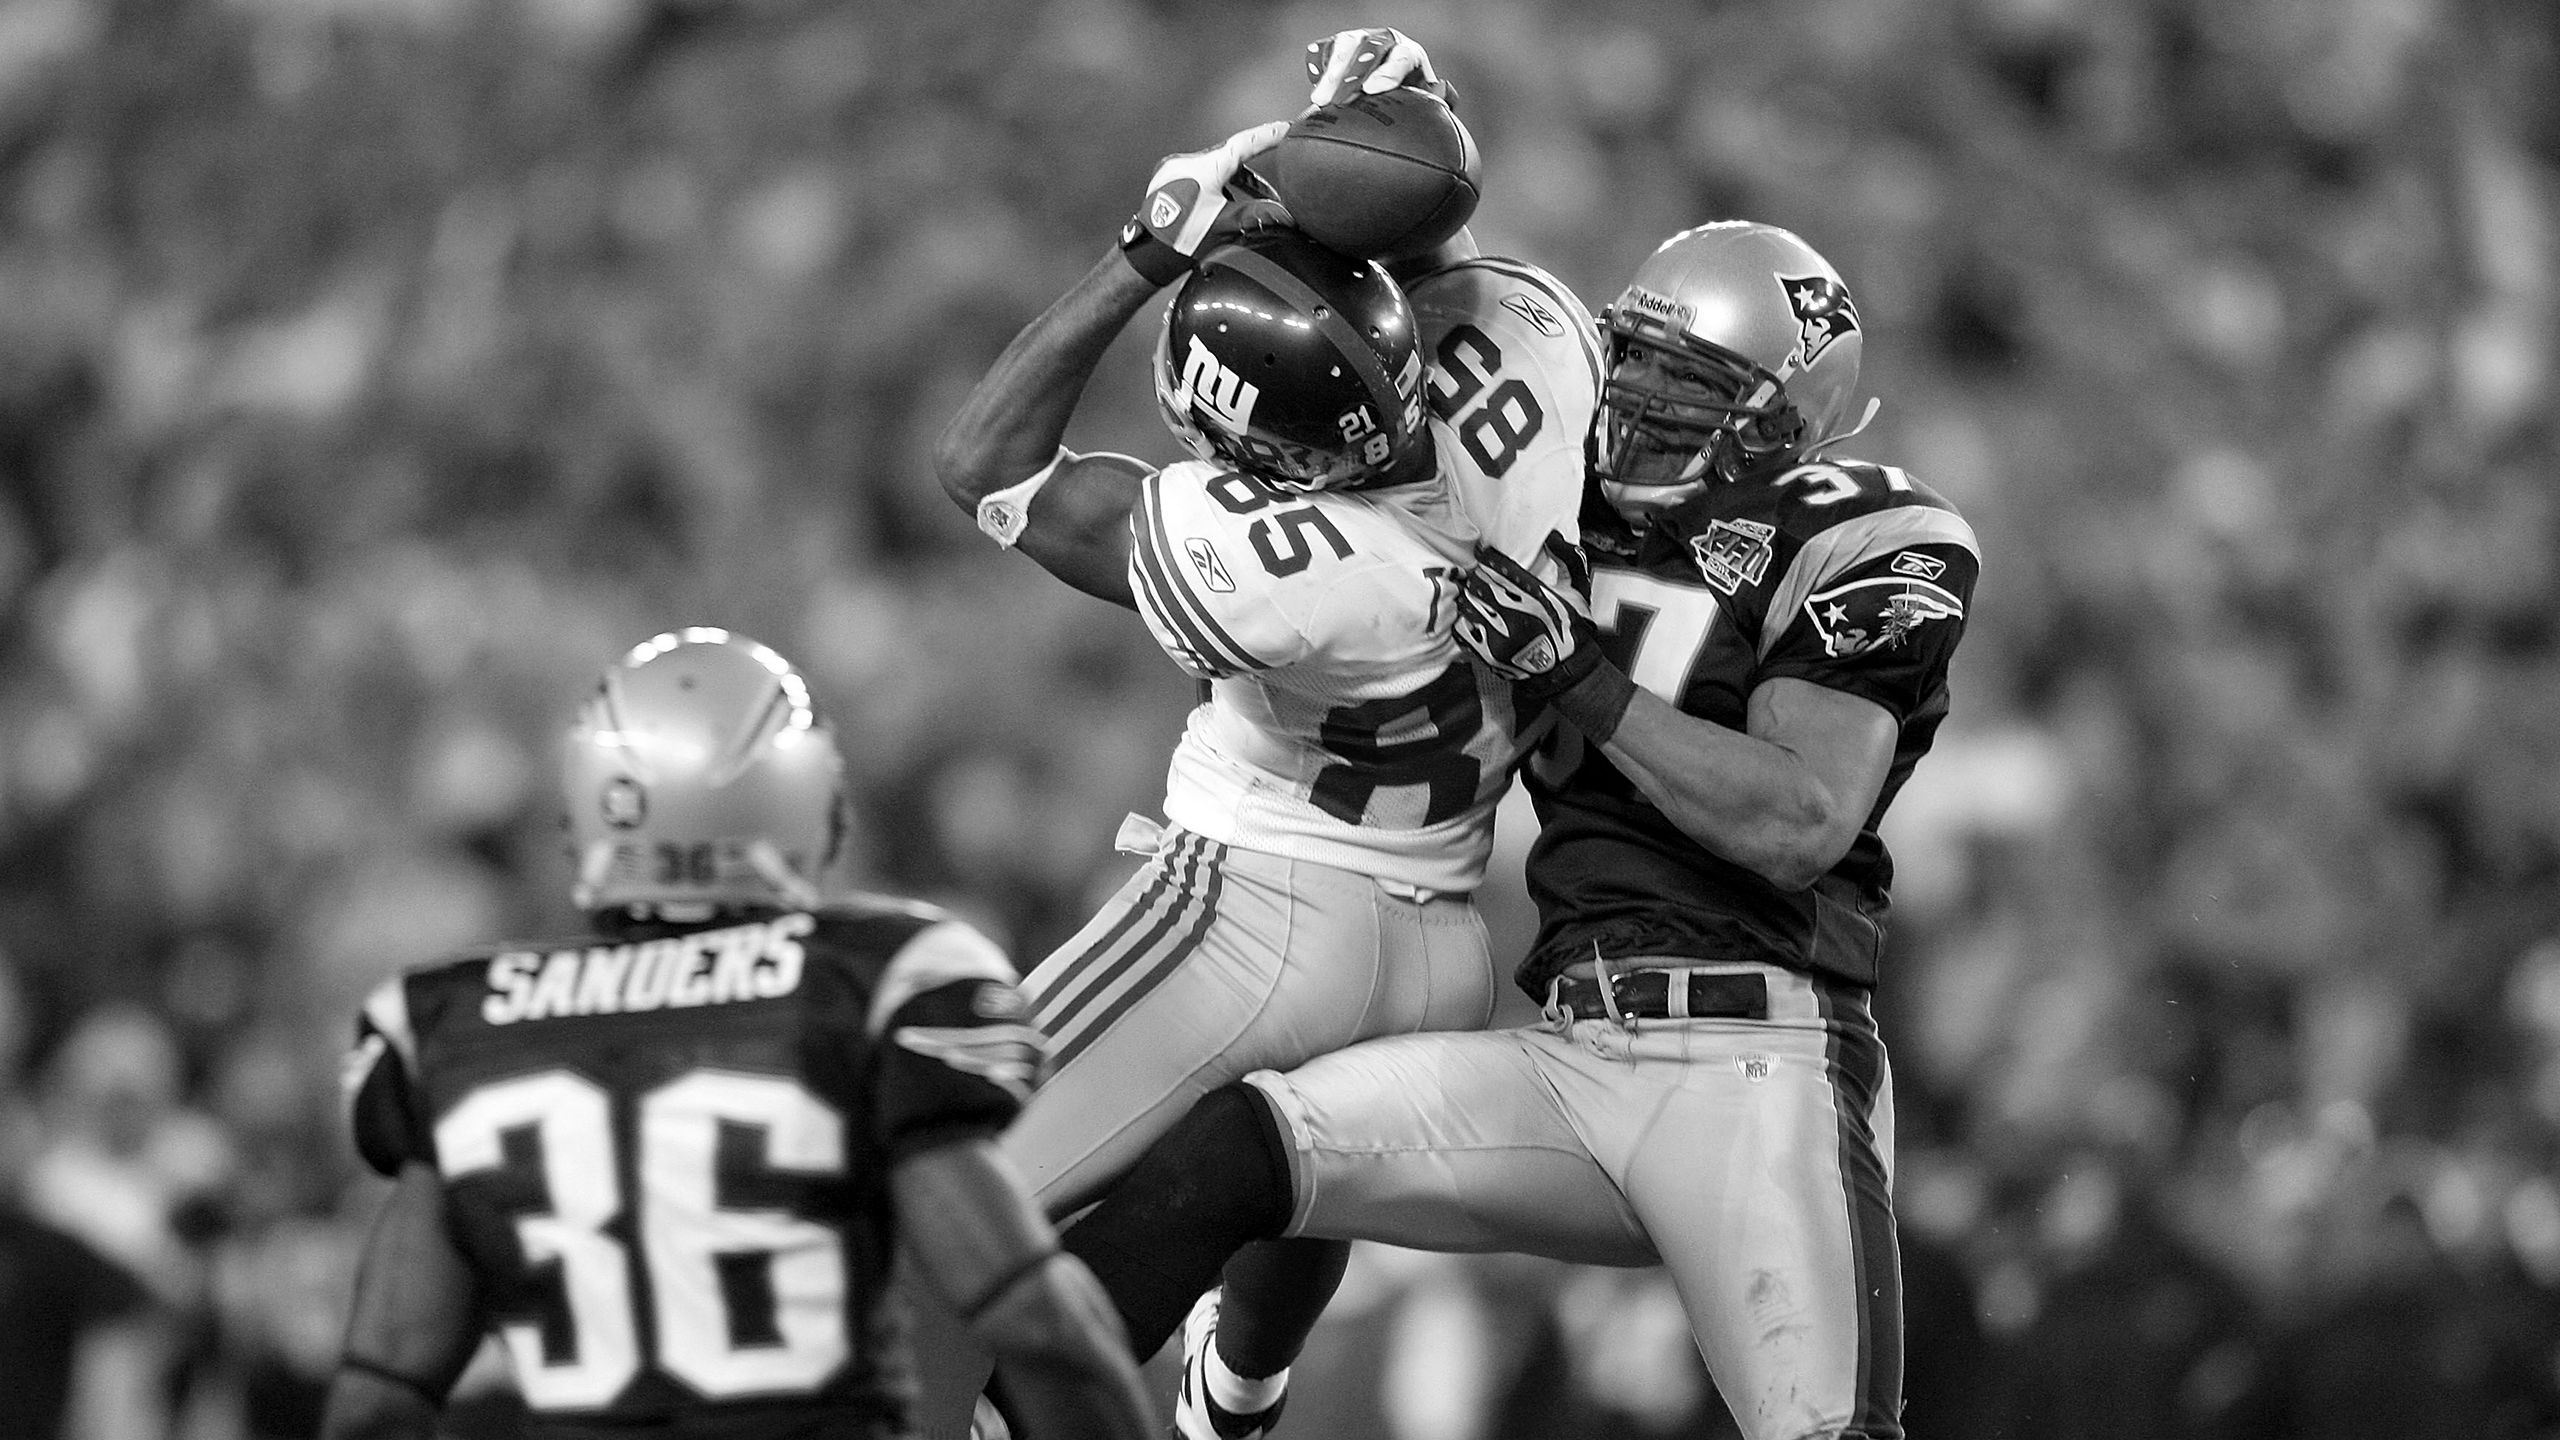 Super Bowl Die Geschichte hinter der Legende